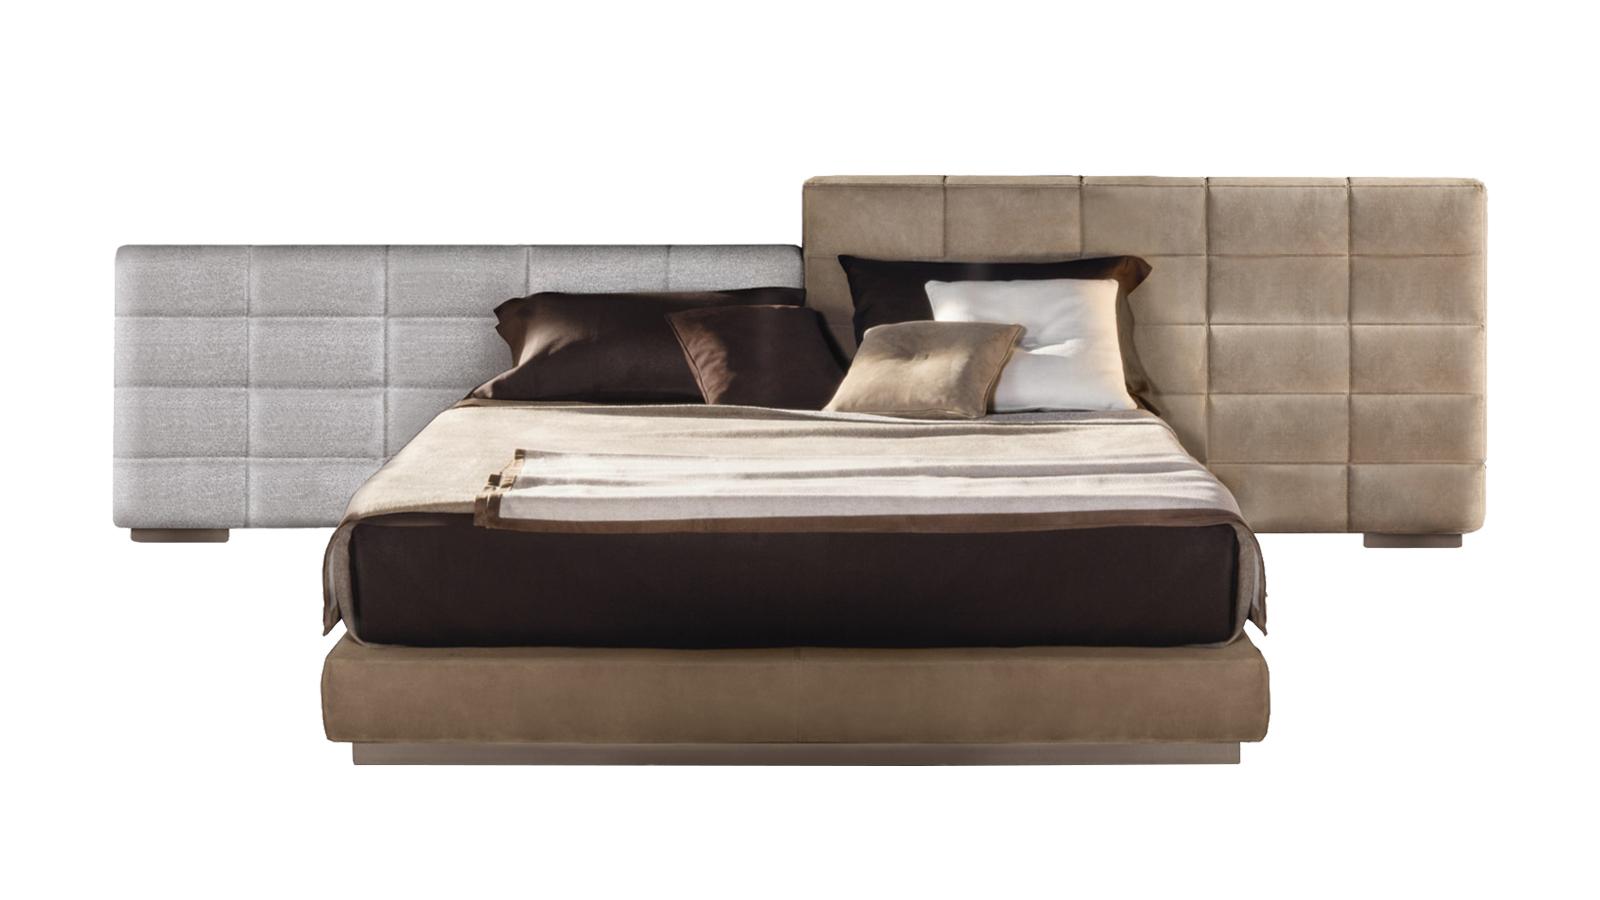 A Lawrence a klasszikus ágyak esztétikáját idézi, de mindezt a kortárs design formanyelvére hangolva. Az arányok egyensúlya, és a mesteri konstrukció a cég védjegyévé váló kézművesség és technológia ötvözésére való hajlamot hívja elő. Flexibilis, variálható bútor, a fejtámla szétszedhető és átalakítható: kétféle magasságban és háromféle szélességben, ezzel kaput nyitva a kreatív önkifejezésnek - használója dönti el, hogy szimmetrikus, vagy asszimetrikus végeredményt szeretne. A kárpit elegáns varrású, a grafikai elemek pedig modernek, újszerűek.